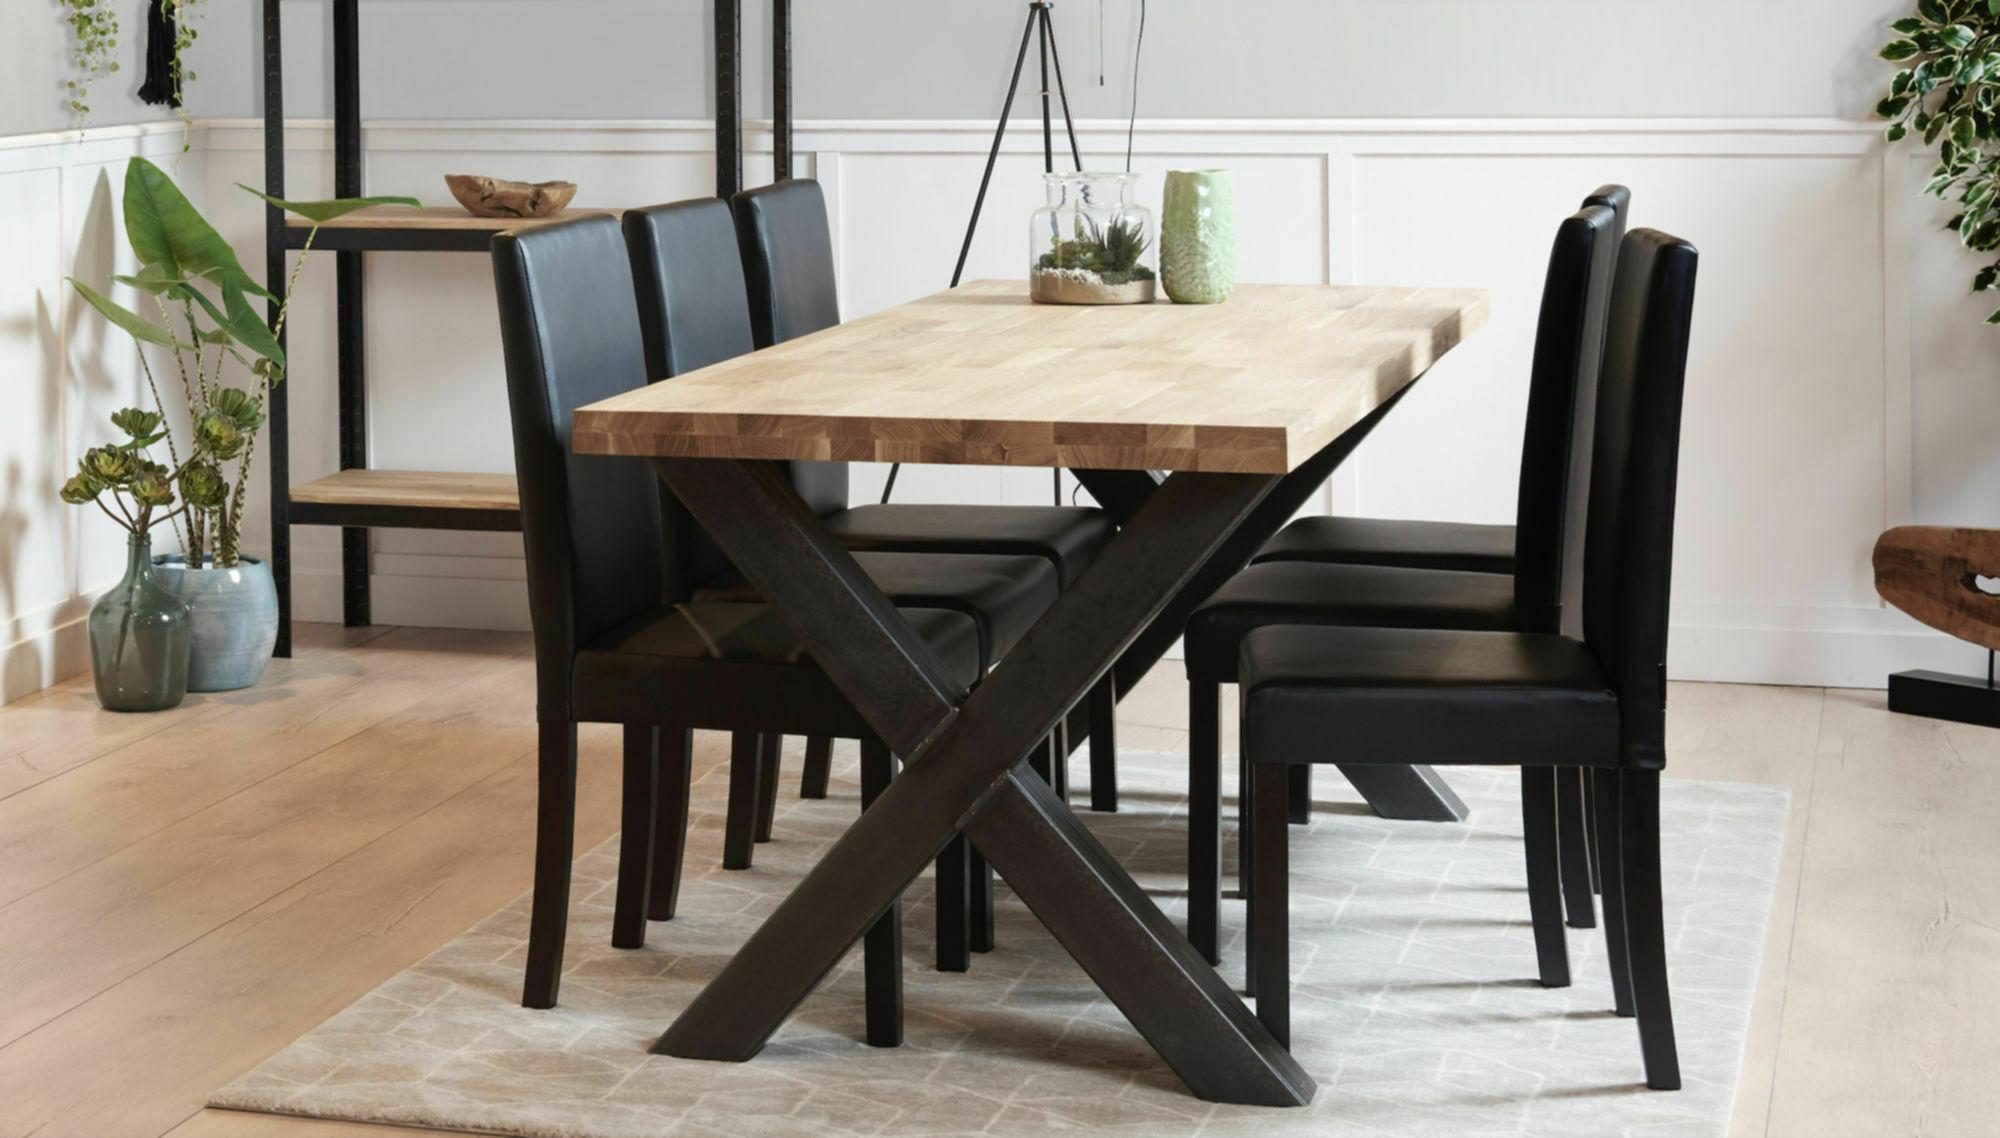 Tafel Met Poten.Industriele Eettafel Maken Met Stalen Tafelpoten Voordemakers Nl